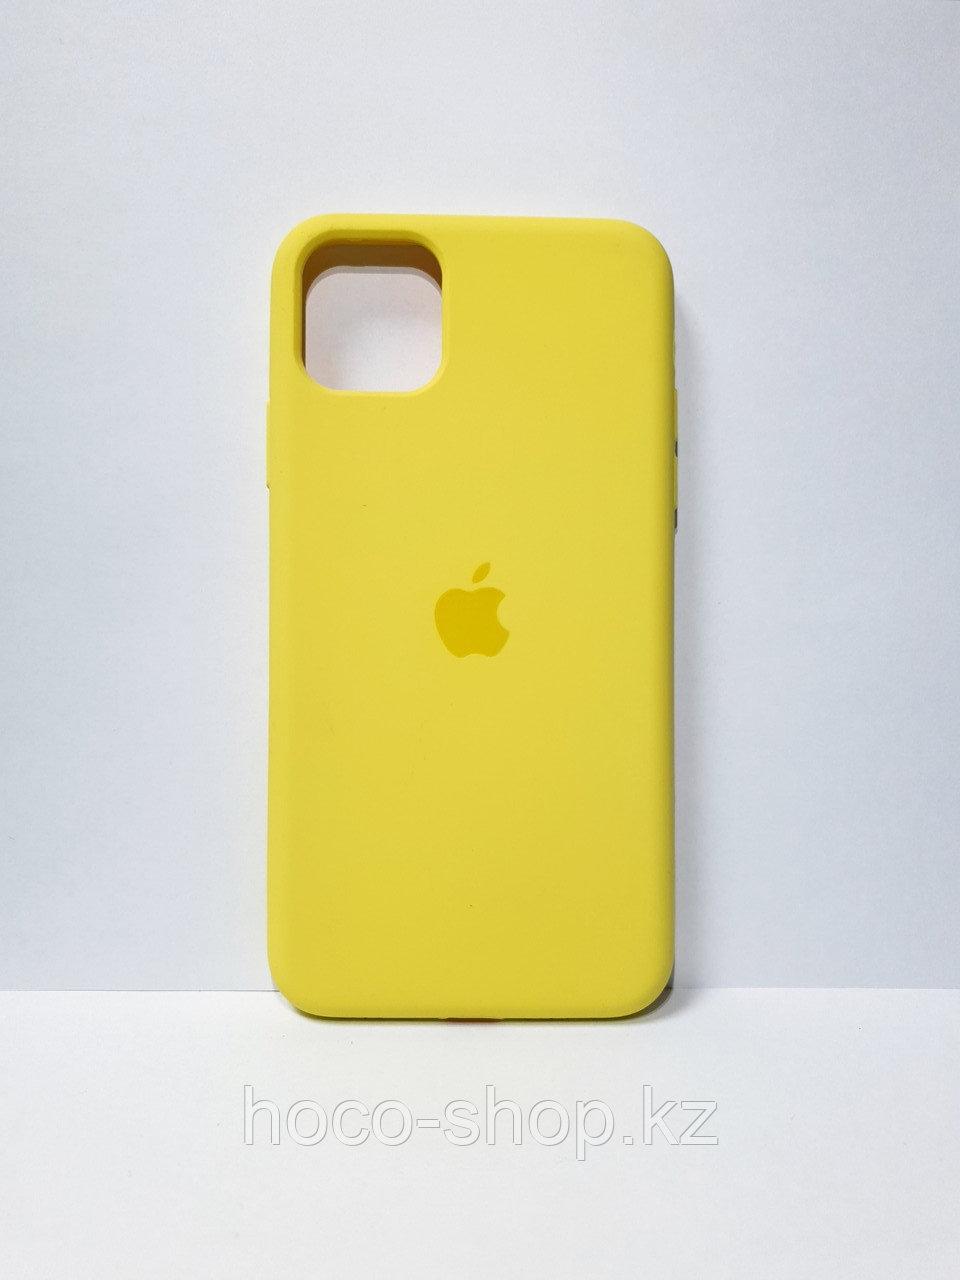 Защитный чехол для iPhone 11 Soft Touch силиконовый, желтый